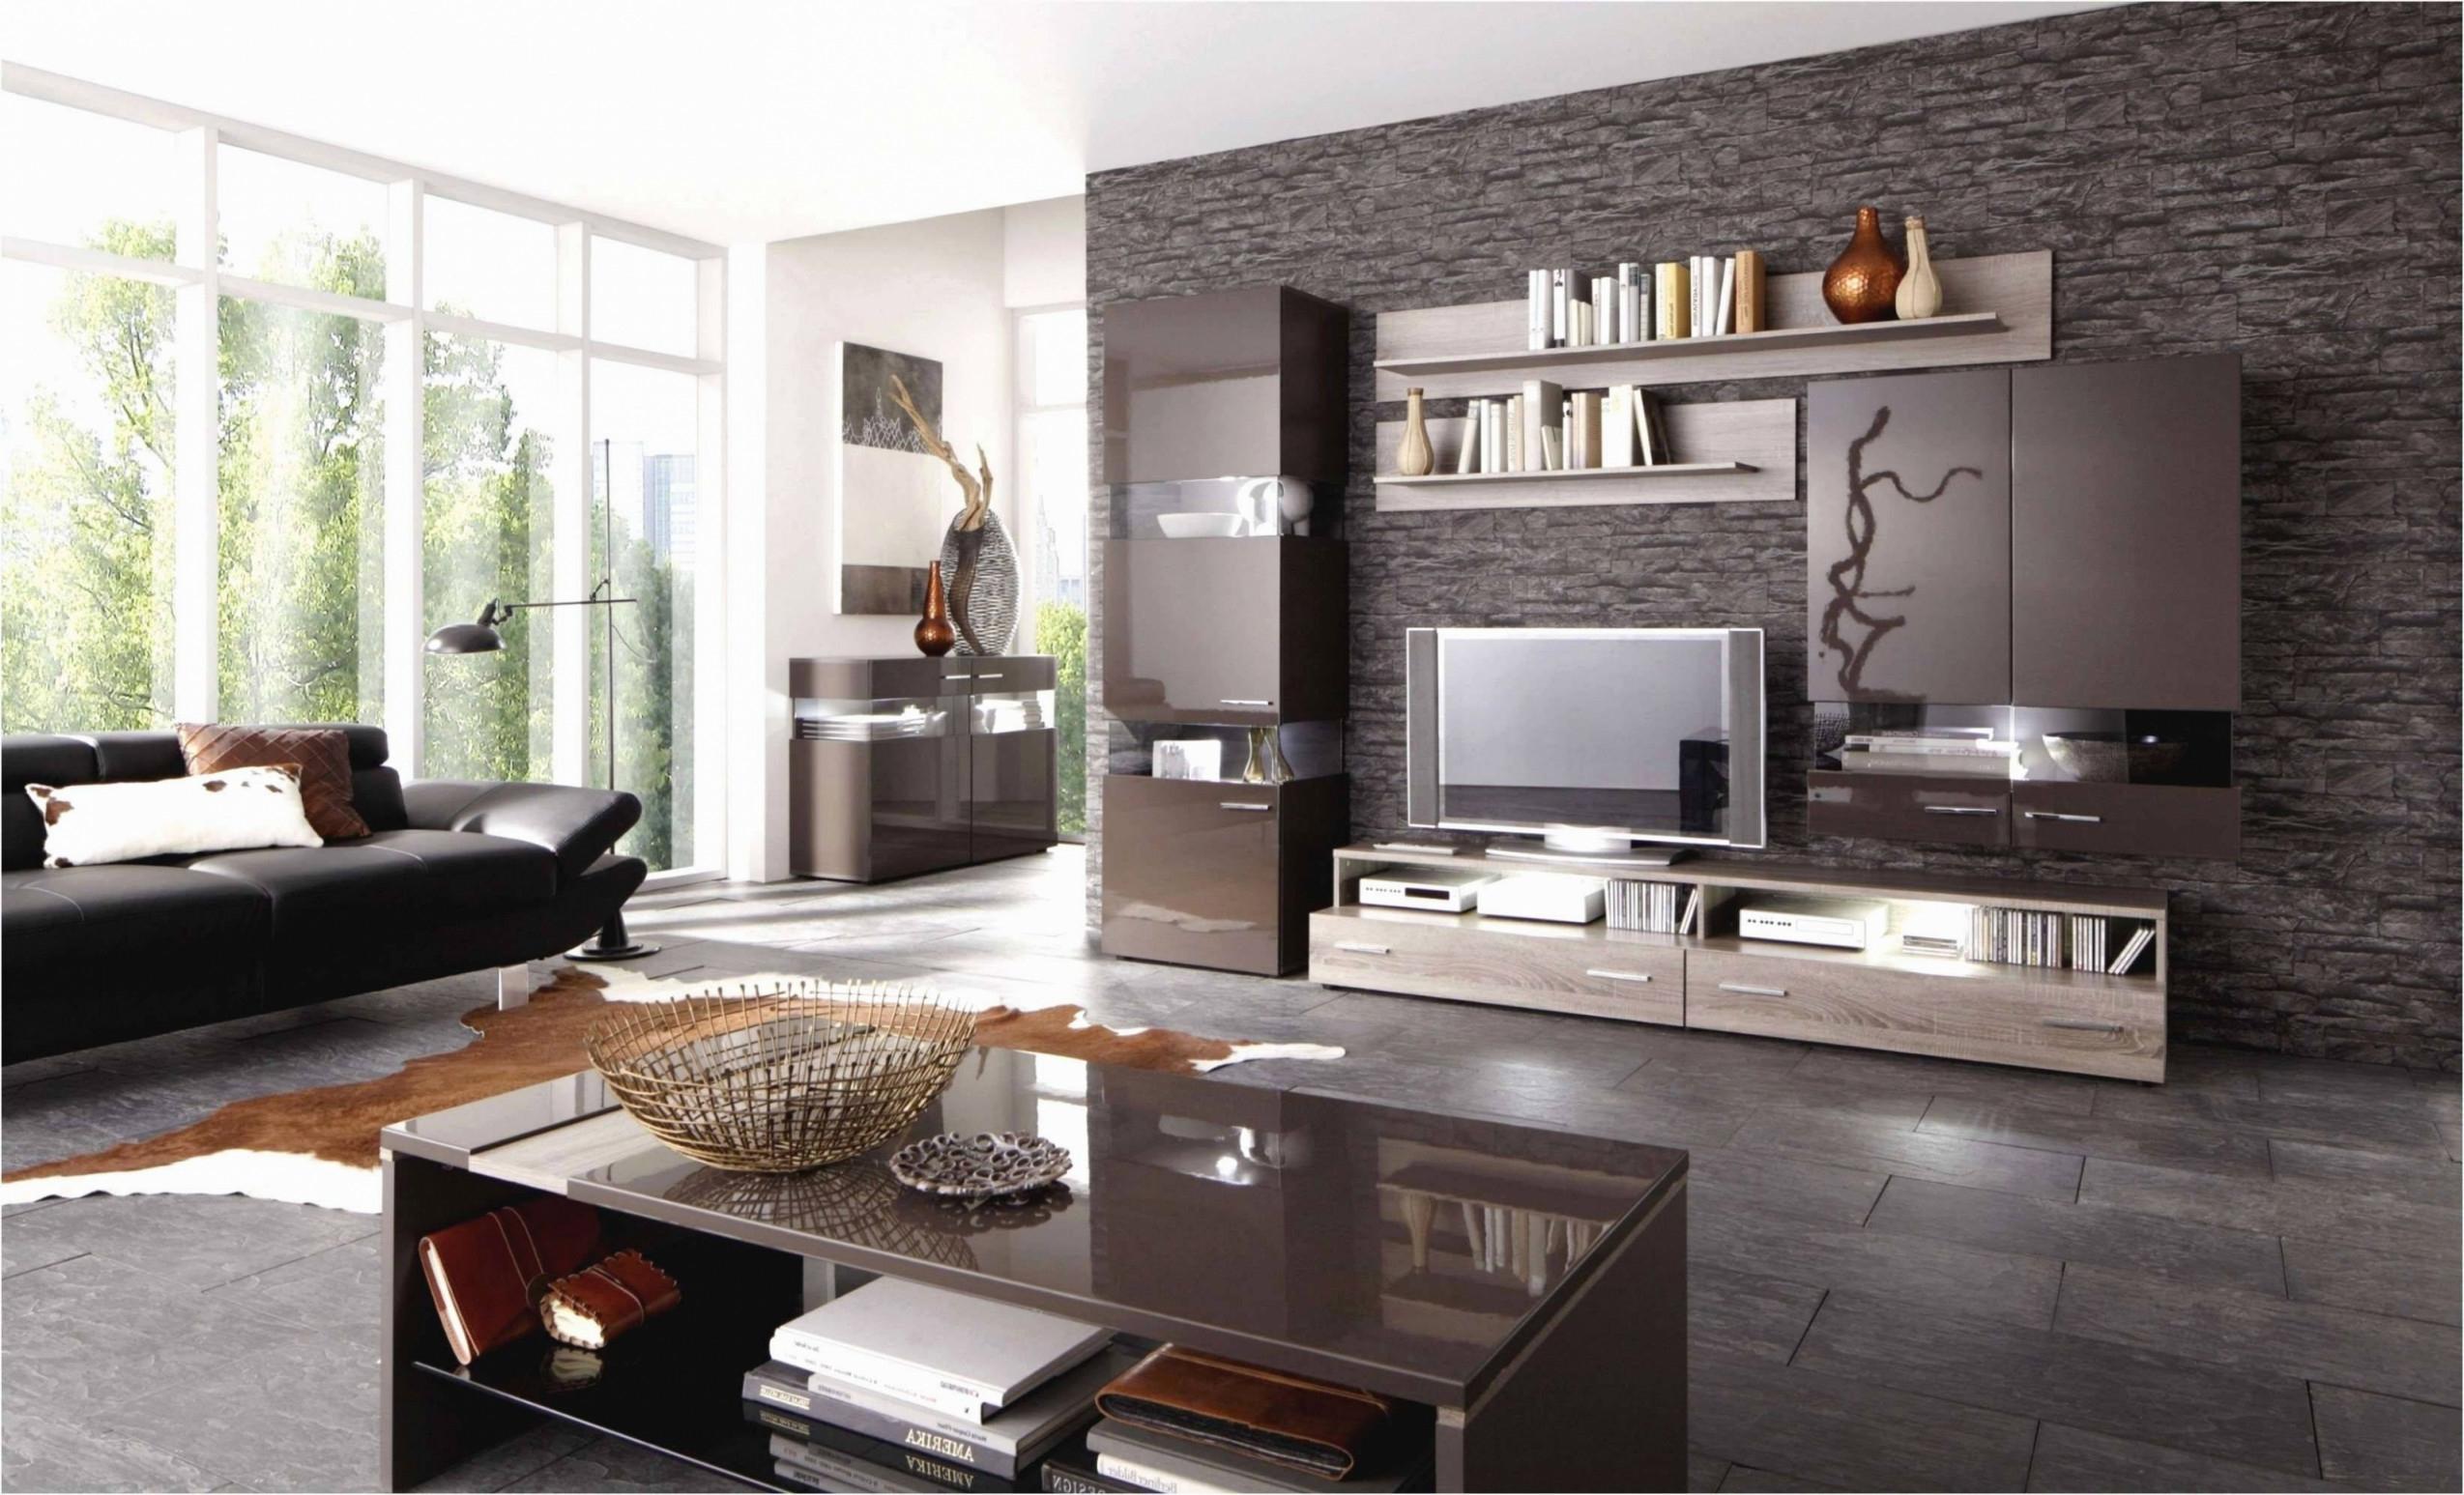 Tapeten Wohnzimmer Ideen von Tapezier Ideen Wohnzimmer Bild